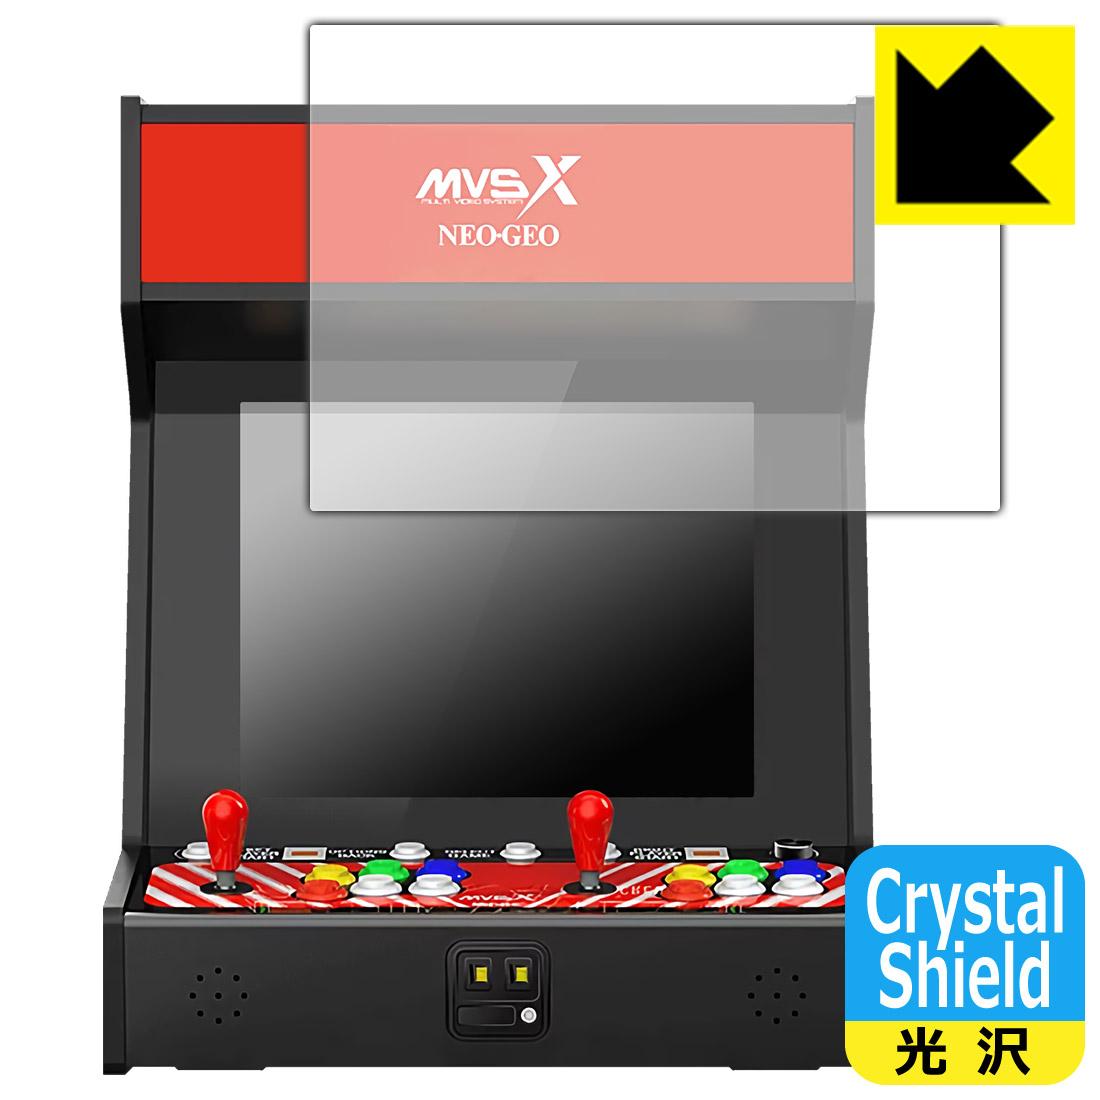 【送料無料】Crystal Shield NEOGEO MVSX HOME ARCADE クラシック レトロアーケード 用 液晶保護フィルム (3枚セット) 【RCP】【smtb-kd】